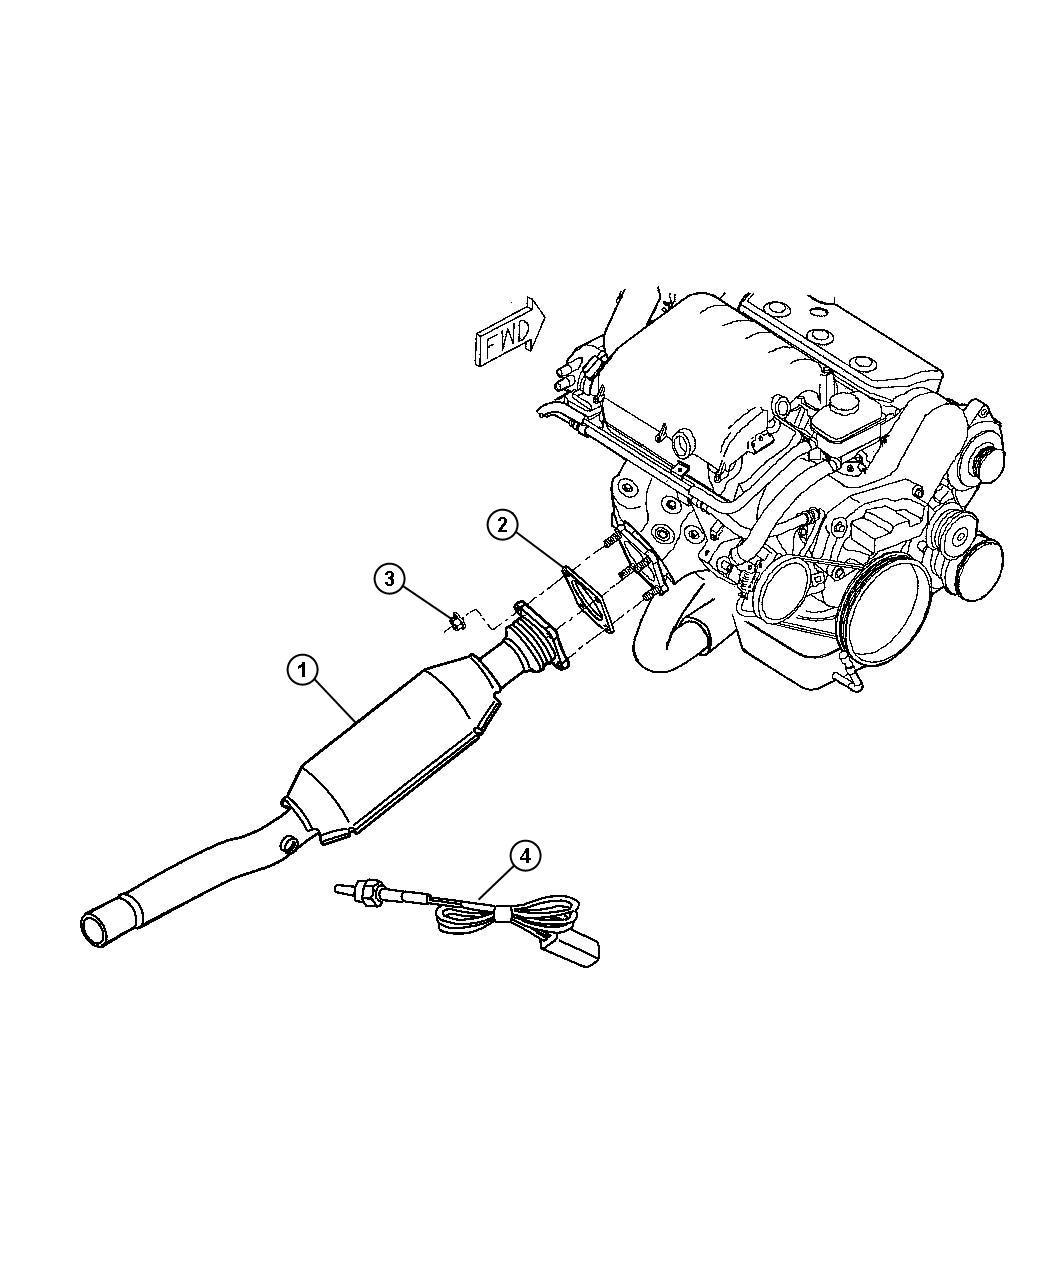 [DIAGRAM] 1997 Dodge Neon 2 0l Sfi Sohc 4cyl Wiring